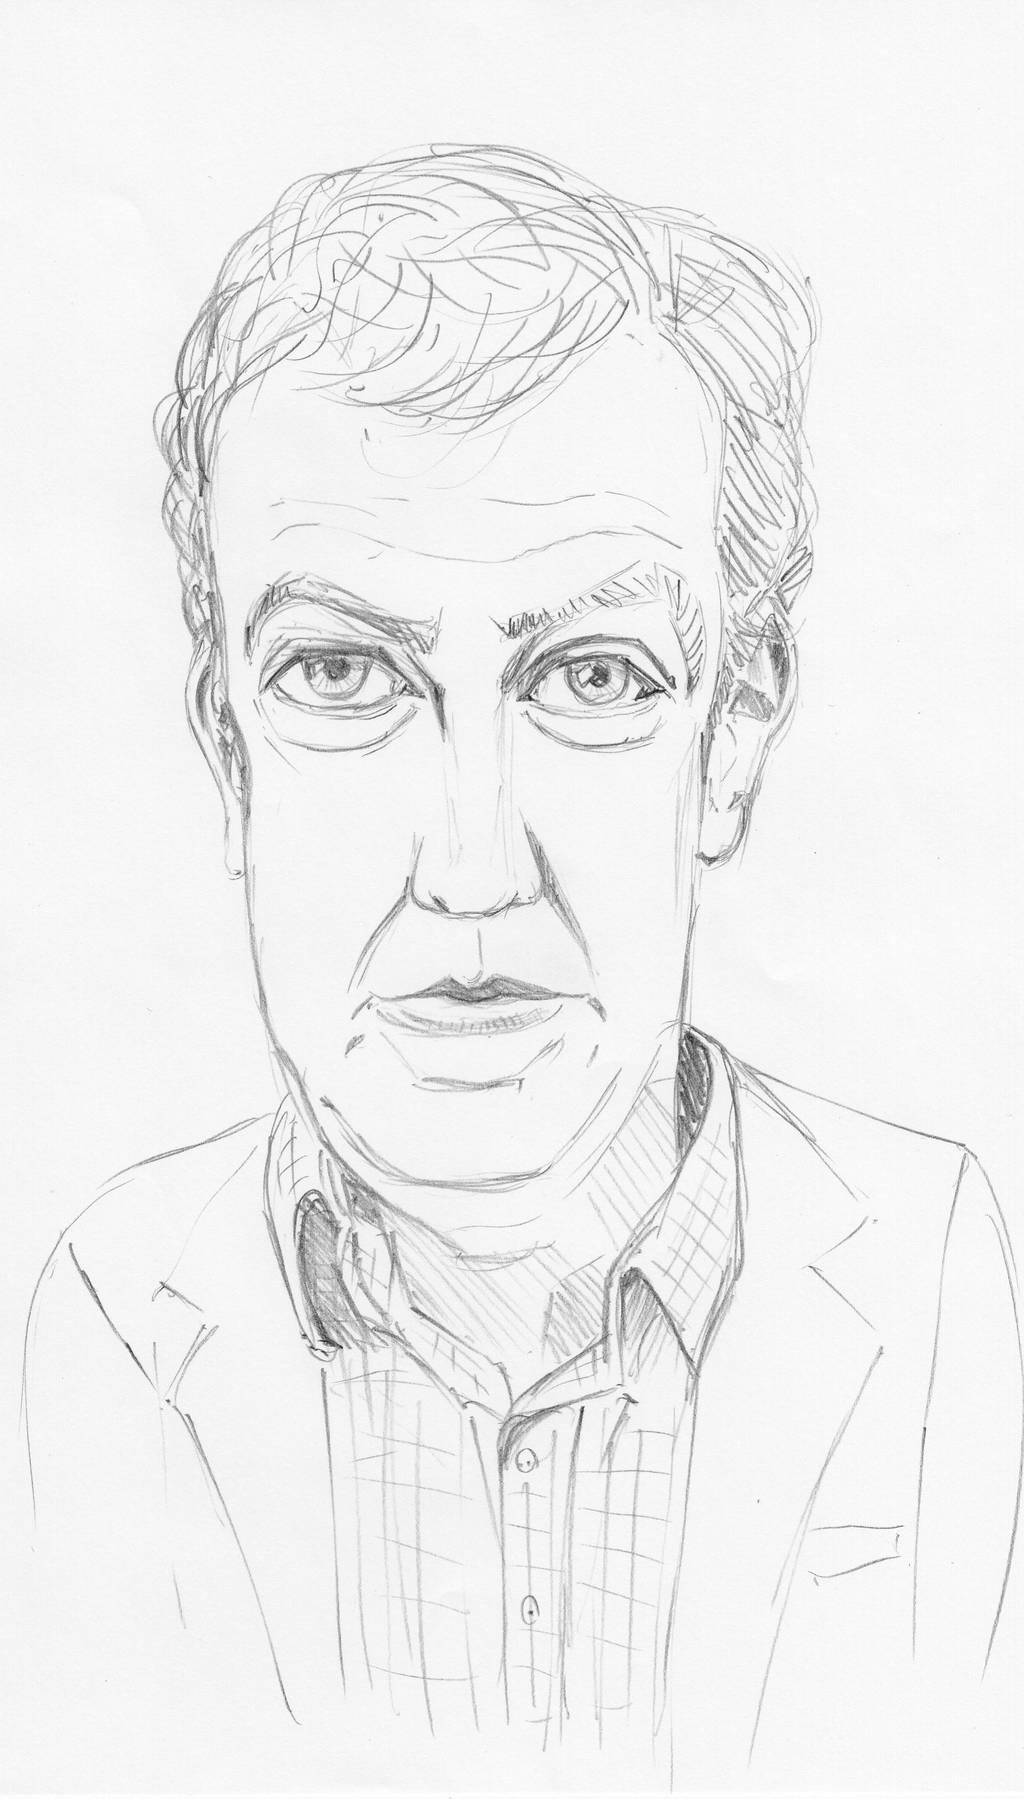 Jeremy Clarkson by Pudsybear